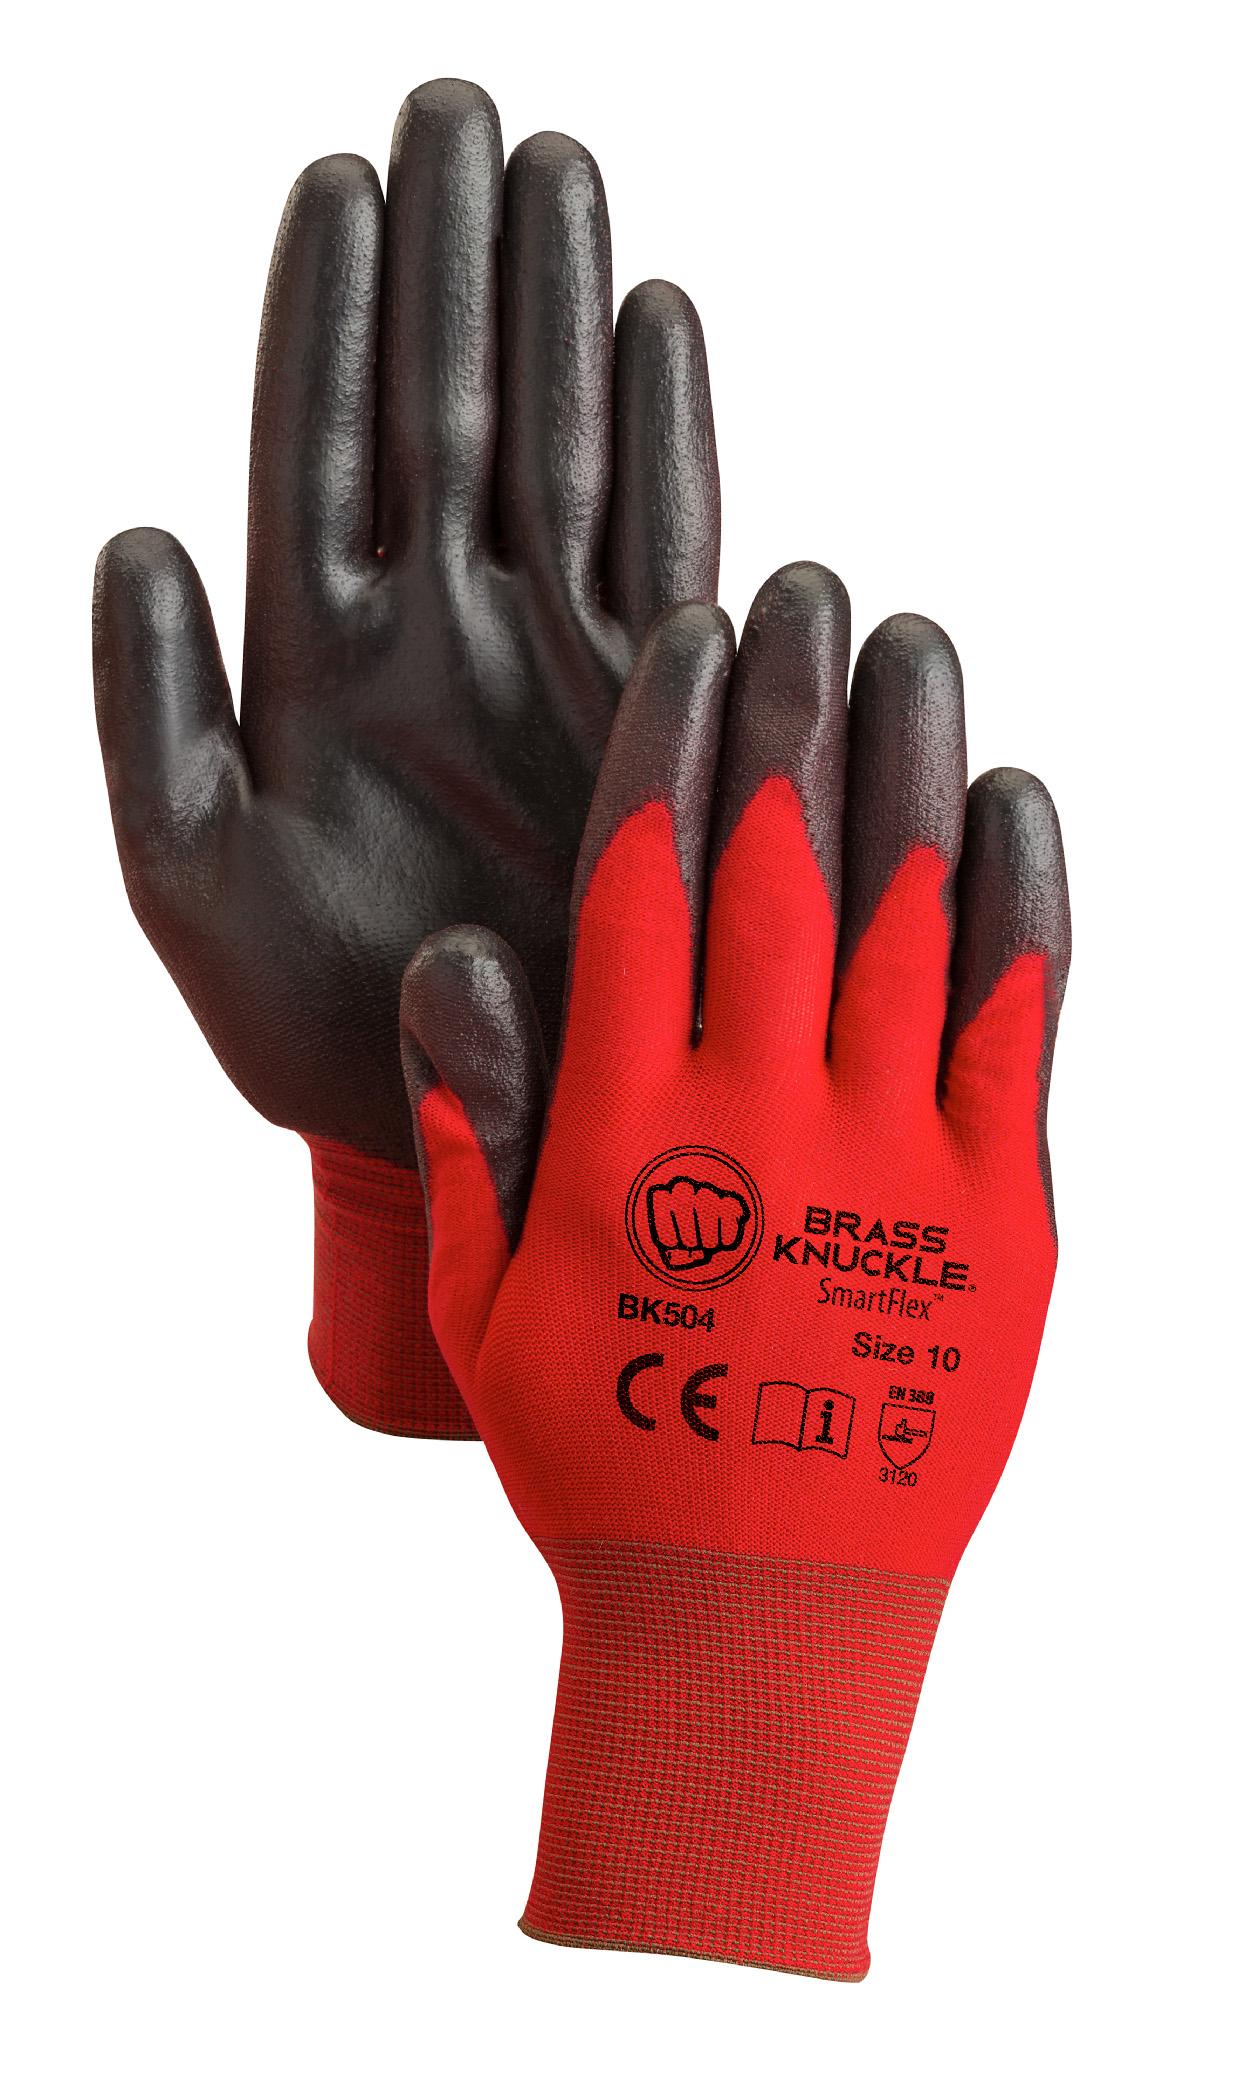 Brass Knuckle®Red Warrior SmartFlex Gloves